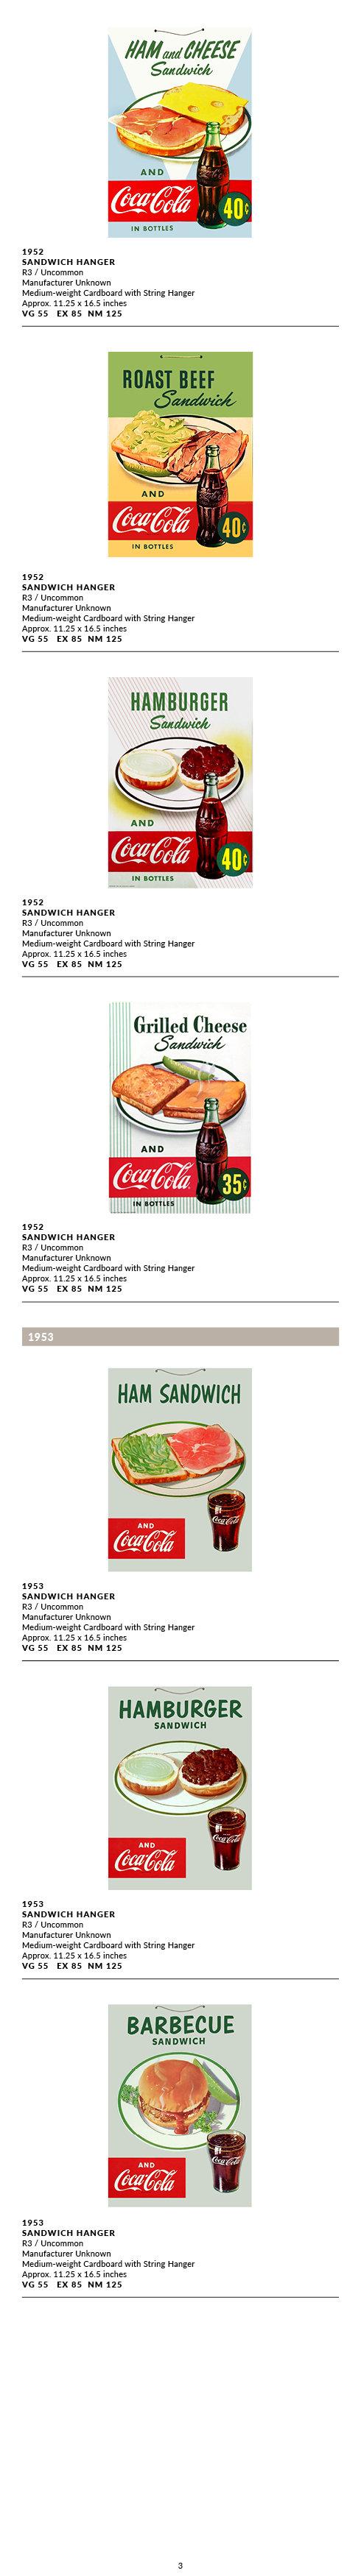 Food Hanger Document3.jpg